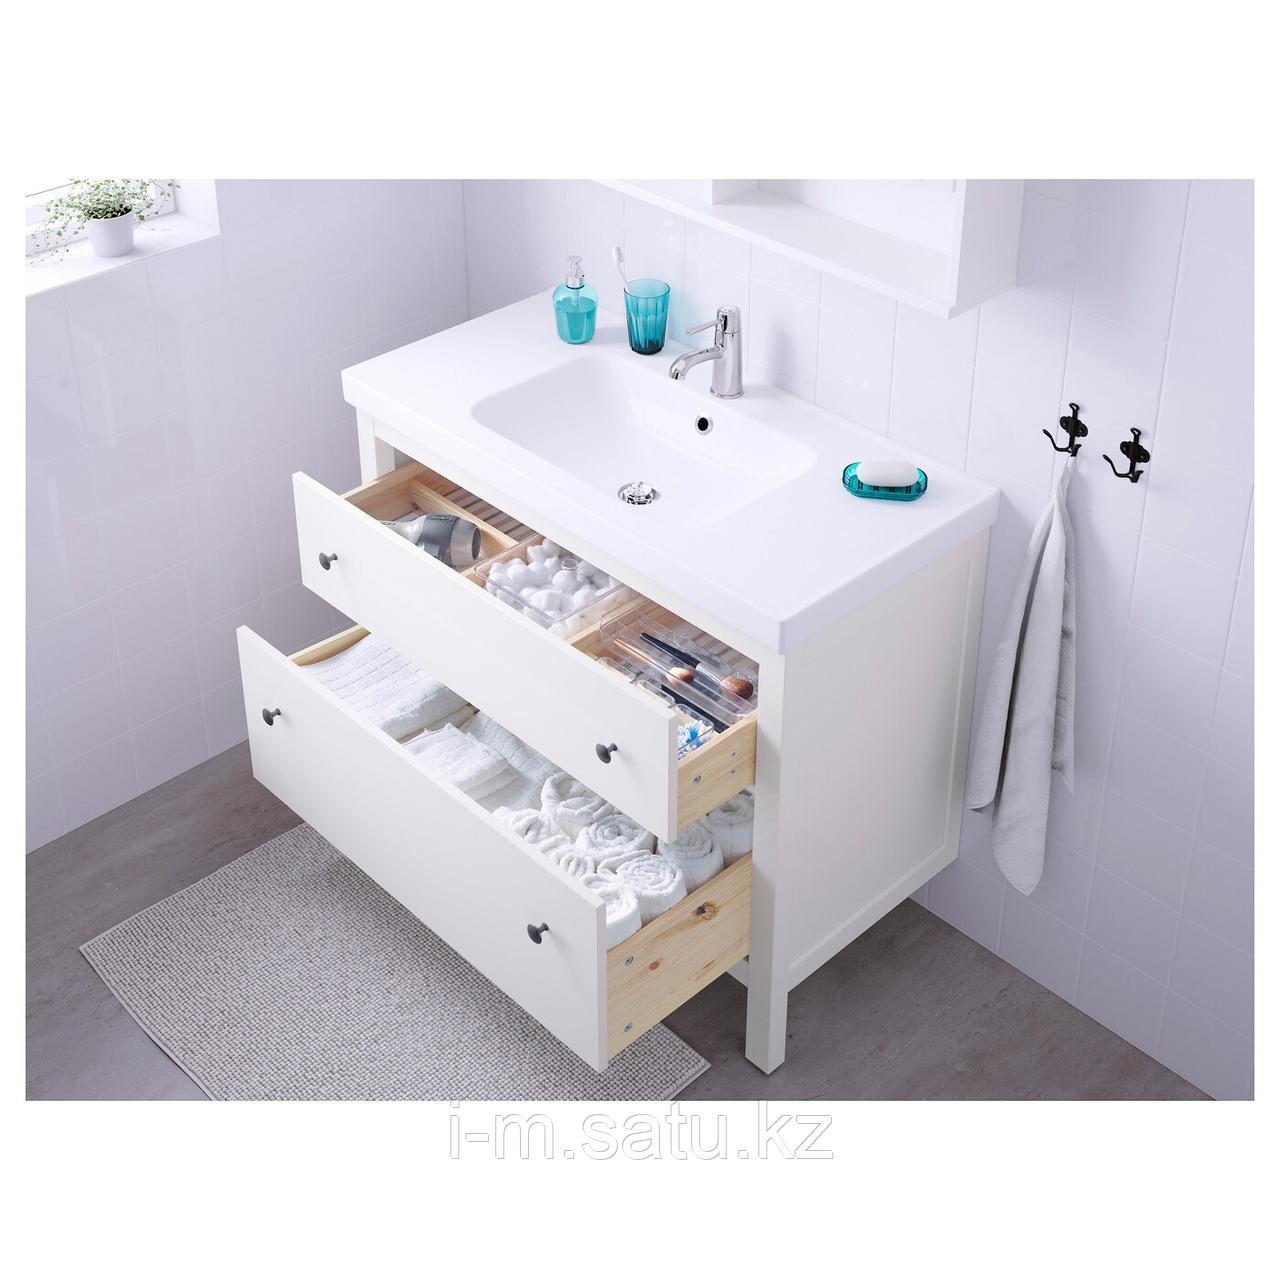 ХЕМНЭС / ОДЕНСВИК Шкаф для раковины с 2 ящ, белый, РУНШЕР смеситель, 103x49x89 см